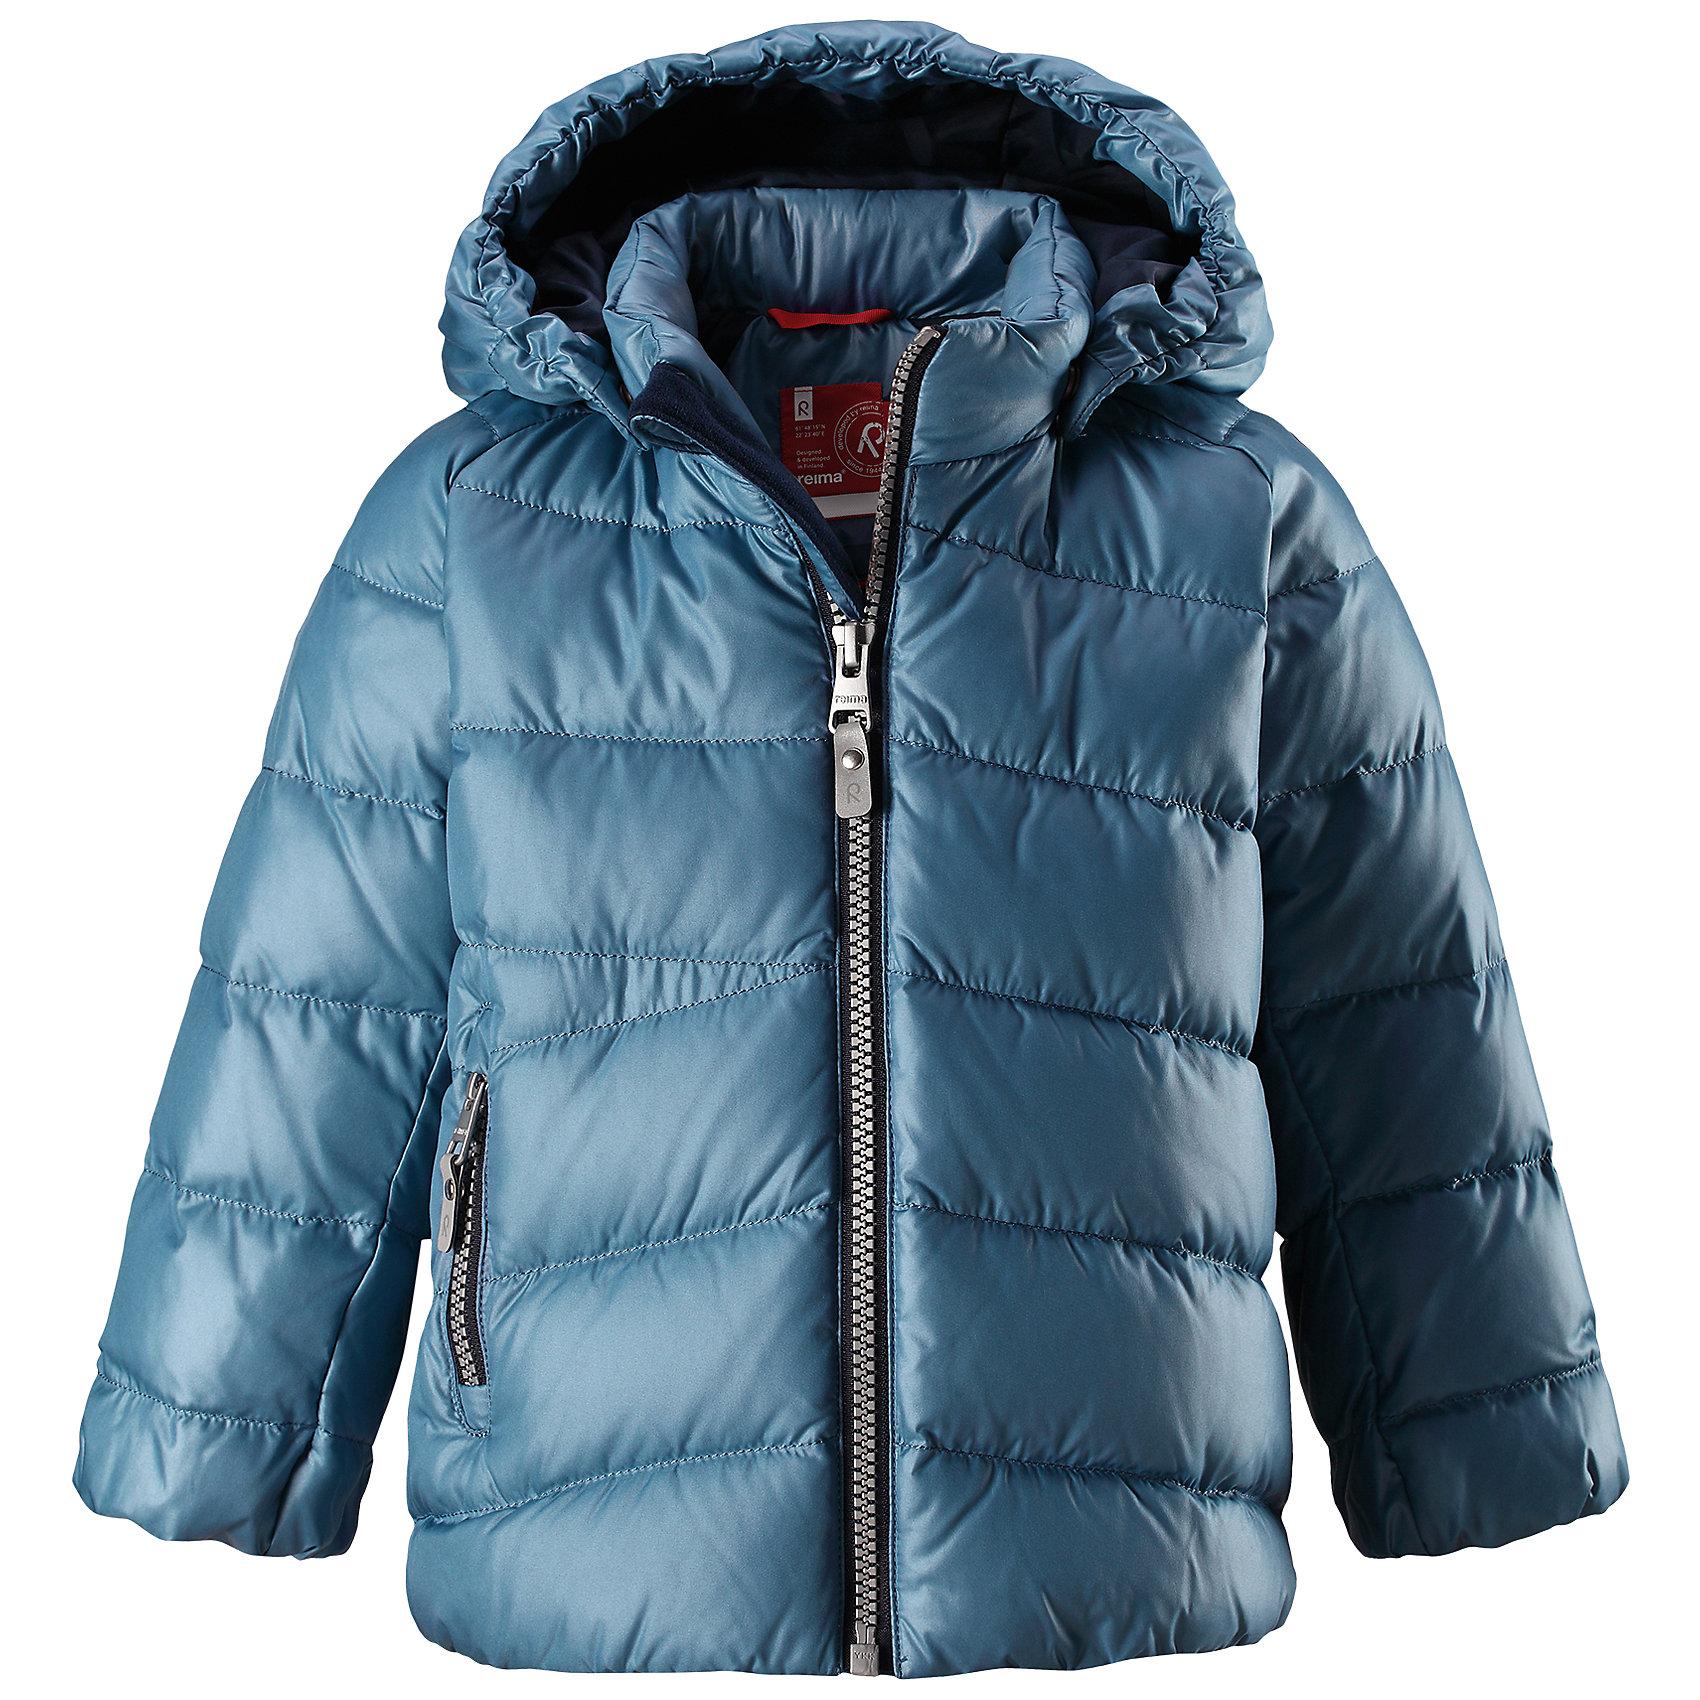 Куртка Reima VihtaВерхняя одежда<br>Характеристики товара:<br><br>• цвет: синий <br>• состав: 100% полиэстер<br>• утеплитель: 60 г/м2 (60% пух, 40% перо)<br>• сезон: зима<br>• температурный режим: от 0 до -20С<br>• особенности модели: пуховая<br>• ветронепроницаемый материал<br>• гладкая подкладка из полиэстера<br>• безопасный, съемный капюшон на кнопках<br>• защита подбородка от защемления<br>• застежка: молния<br>• боковой карман на молнии<br>• светоотражающие детали<br>• страна бренда: Финляндия<br>• страна изготовитель: Китай<br><br>Зимняя пуховая куртка с капюшоном для мальчика! Внутри – теплый пух, а снаружи – ветронепроницаемый материал. Куртка застегивается на молнию, есть защита от защемления подбородка. Боковой карман на молнии. Куртка оснащена светоотражающими элементами. Обратите внимание: эту куртку можно сушить в сушильной машине. <br><br>Куртку Vihta Reima от финского бренда Reima (Рейма) можно купить в нашем интернет-магазине.<br><br>Ширина мм: 356<br>Глубина мм: 10<br>Высота мм: 245<br>Вес г: 519<br>Цвет: синий<br>Возраст от месяцев: 48<br>Возраст до месяцев: 60<br>Пол: Унисекс<br>Возраст: Детский<br>Размер: 110,80,86,92,98,104<br>SKU: 6908267